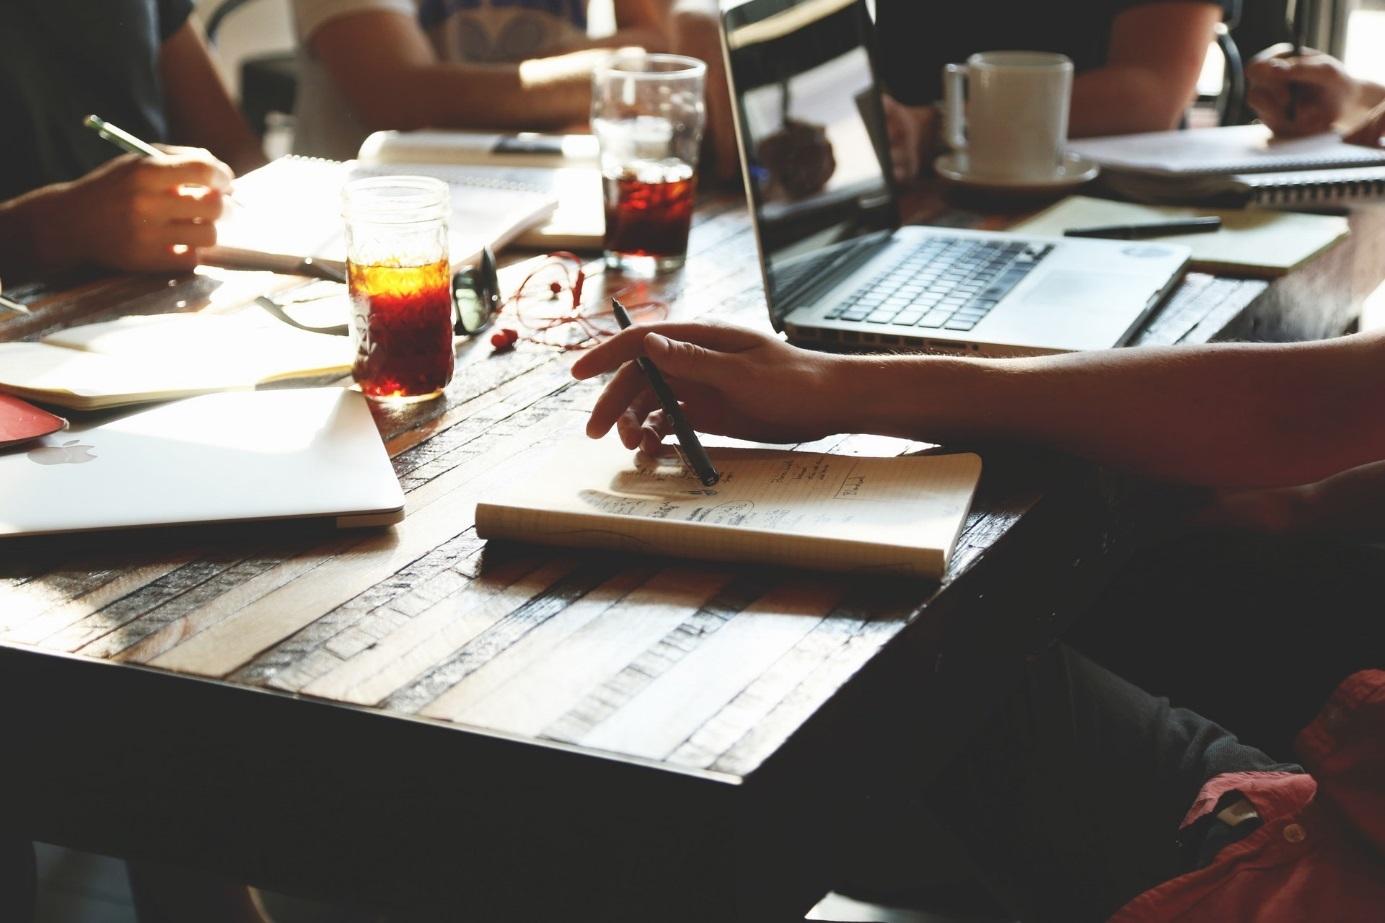 Am Schreibtisch sitzende Menschen mit Stift in Hand, Laptop und Büchern.